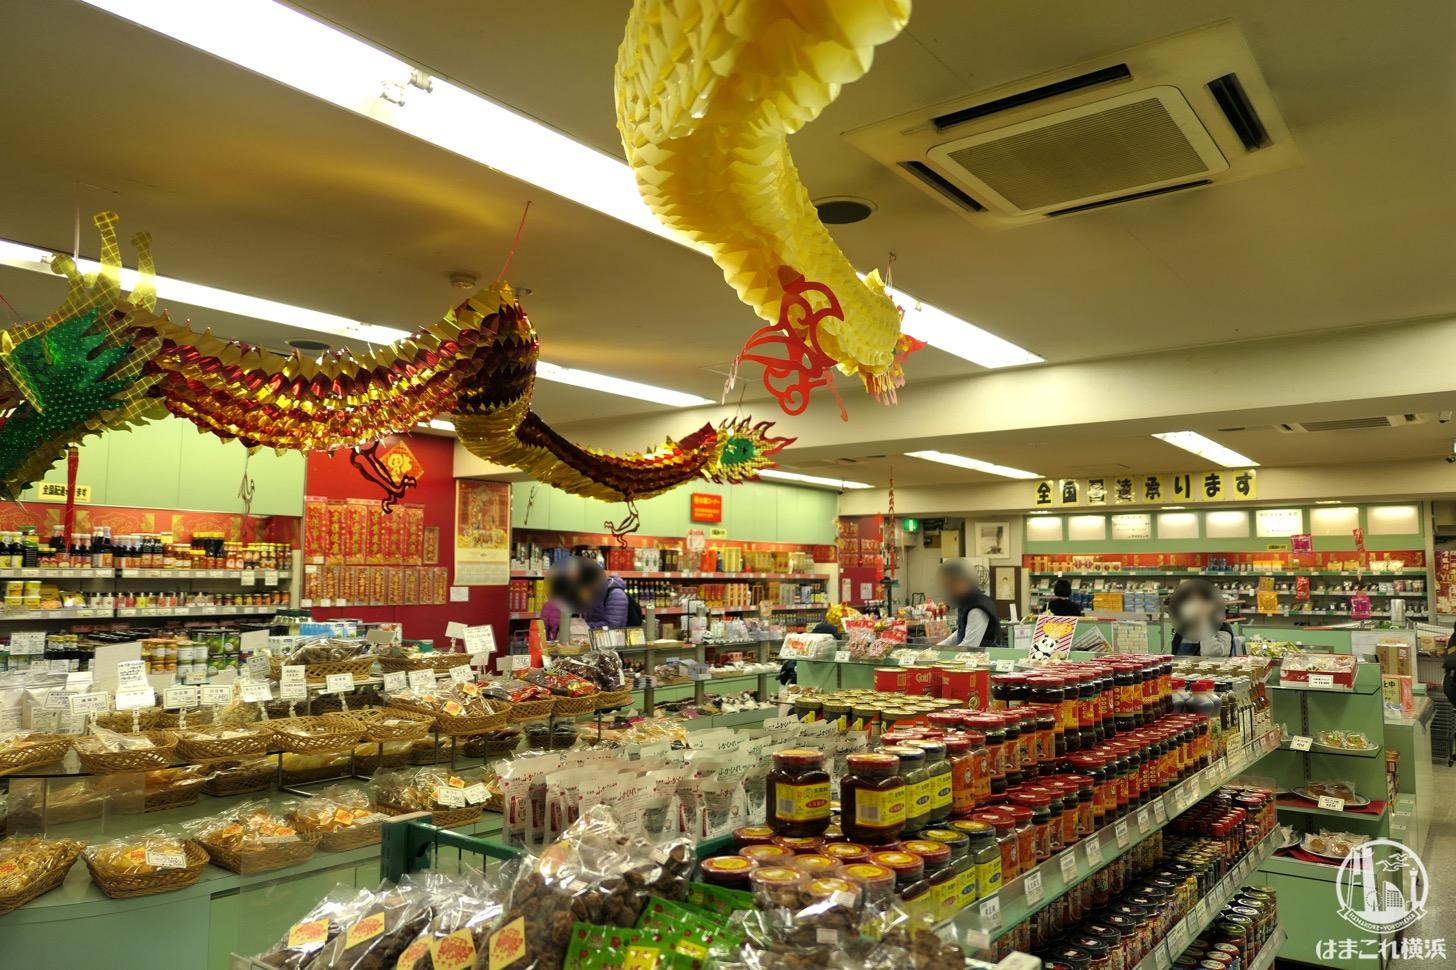 横浜中華街「中国貿易公司 中華街本店」が調味料・中華食材充実でおすすめ!